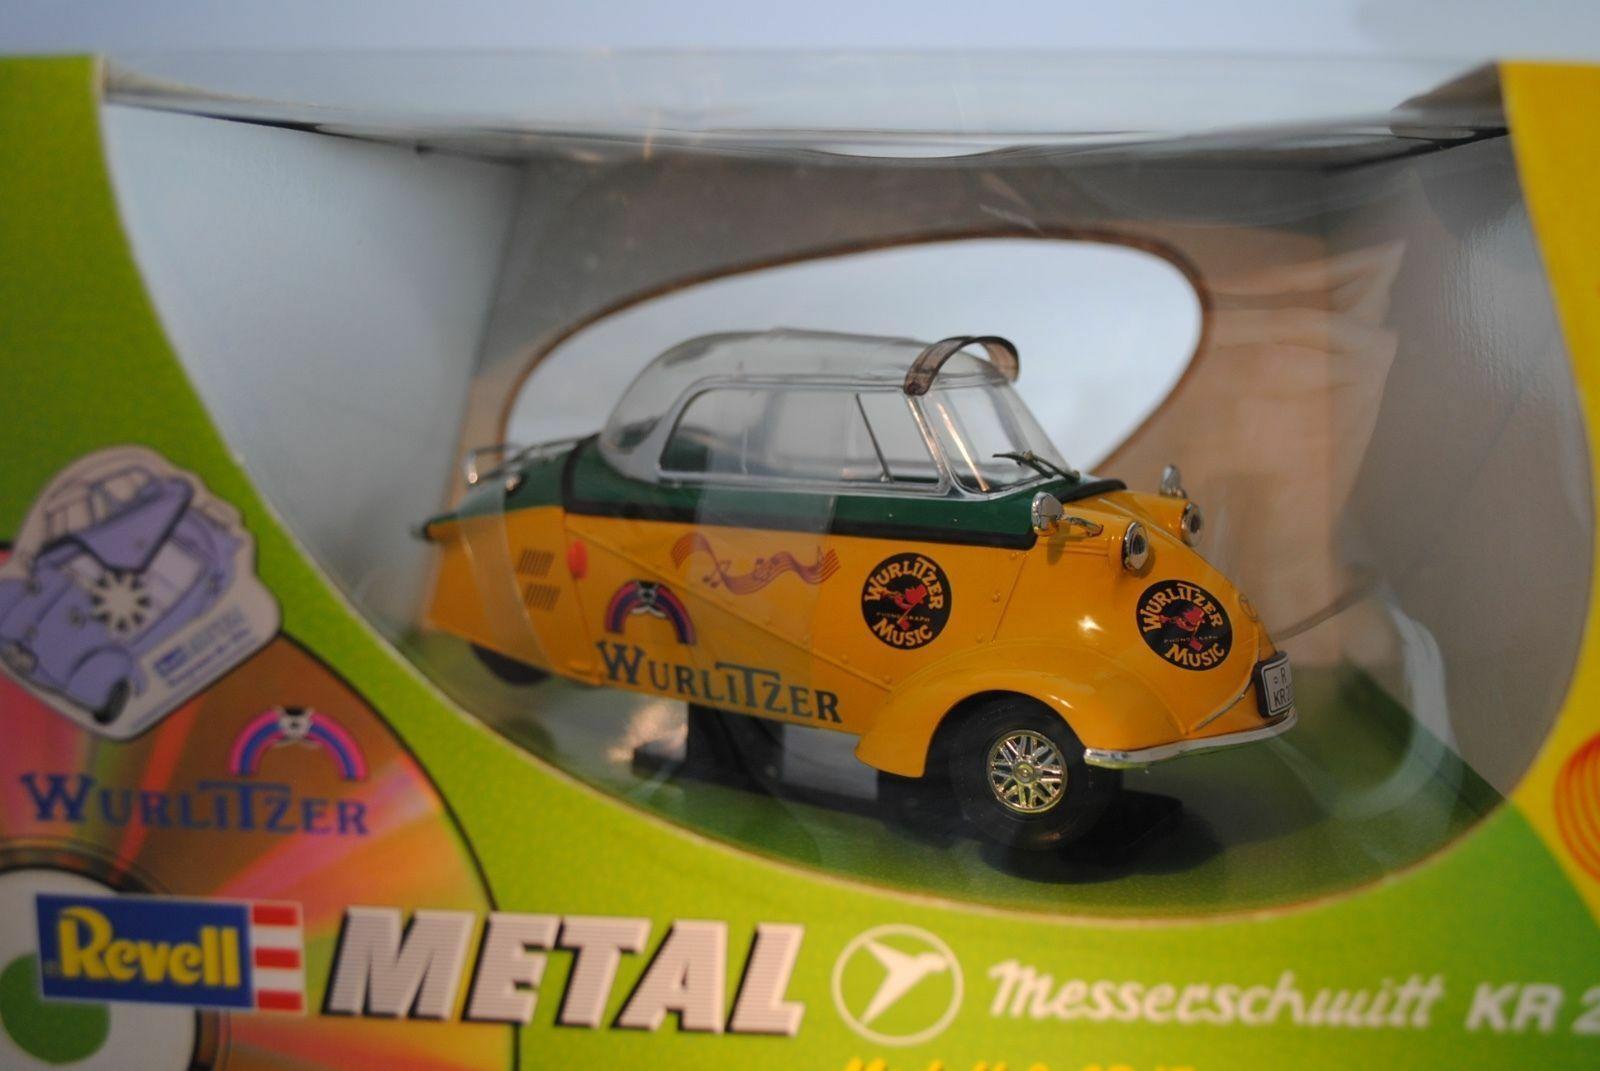 1 18 Revell Messerschmitt ap 200 Wurlitzer amarillo verde  08970